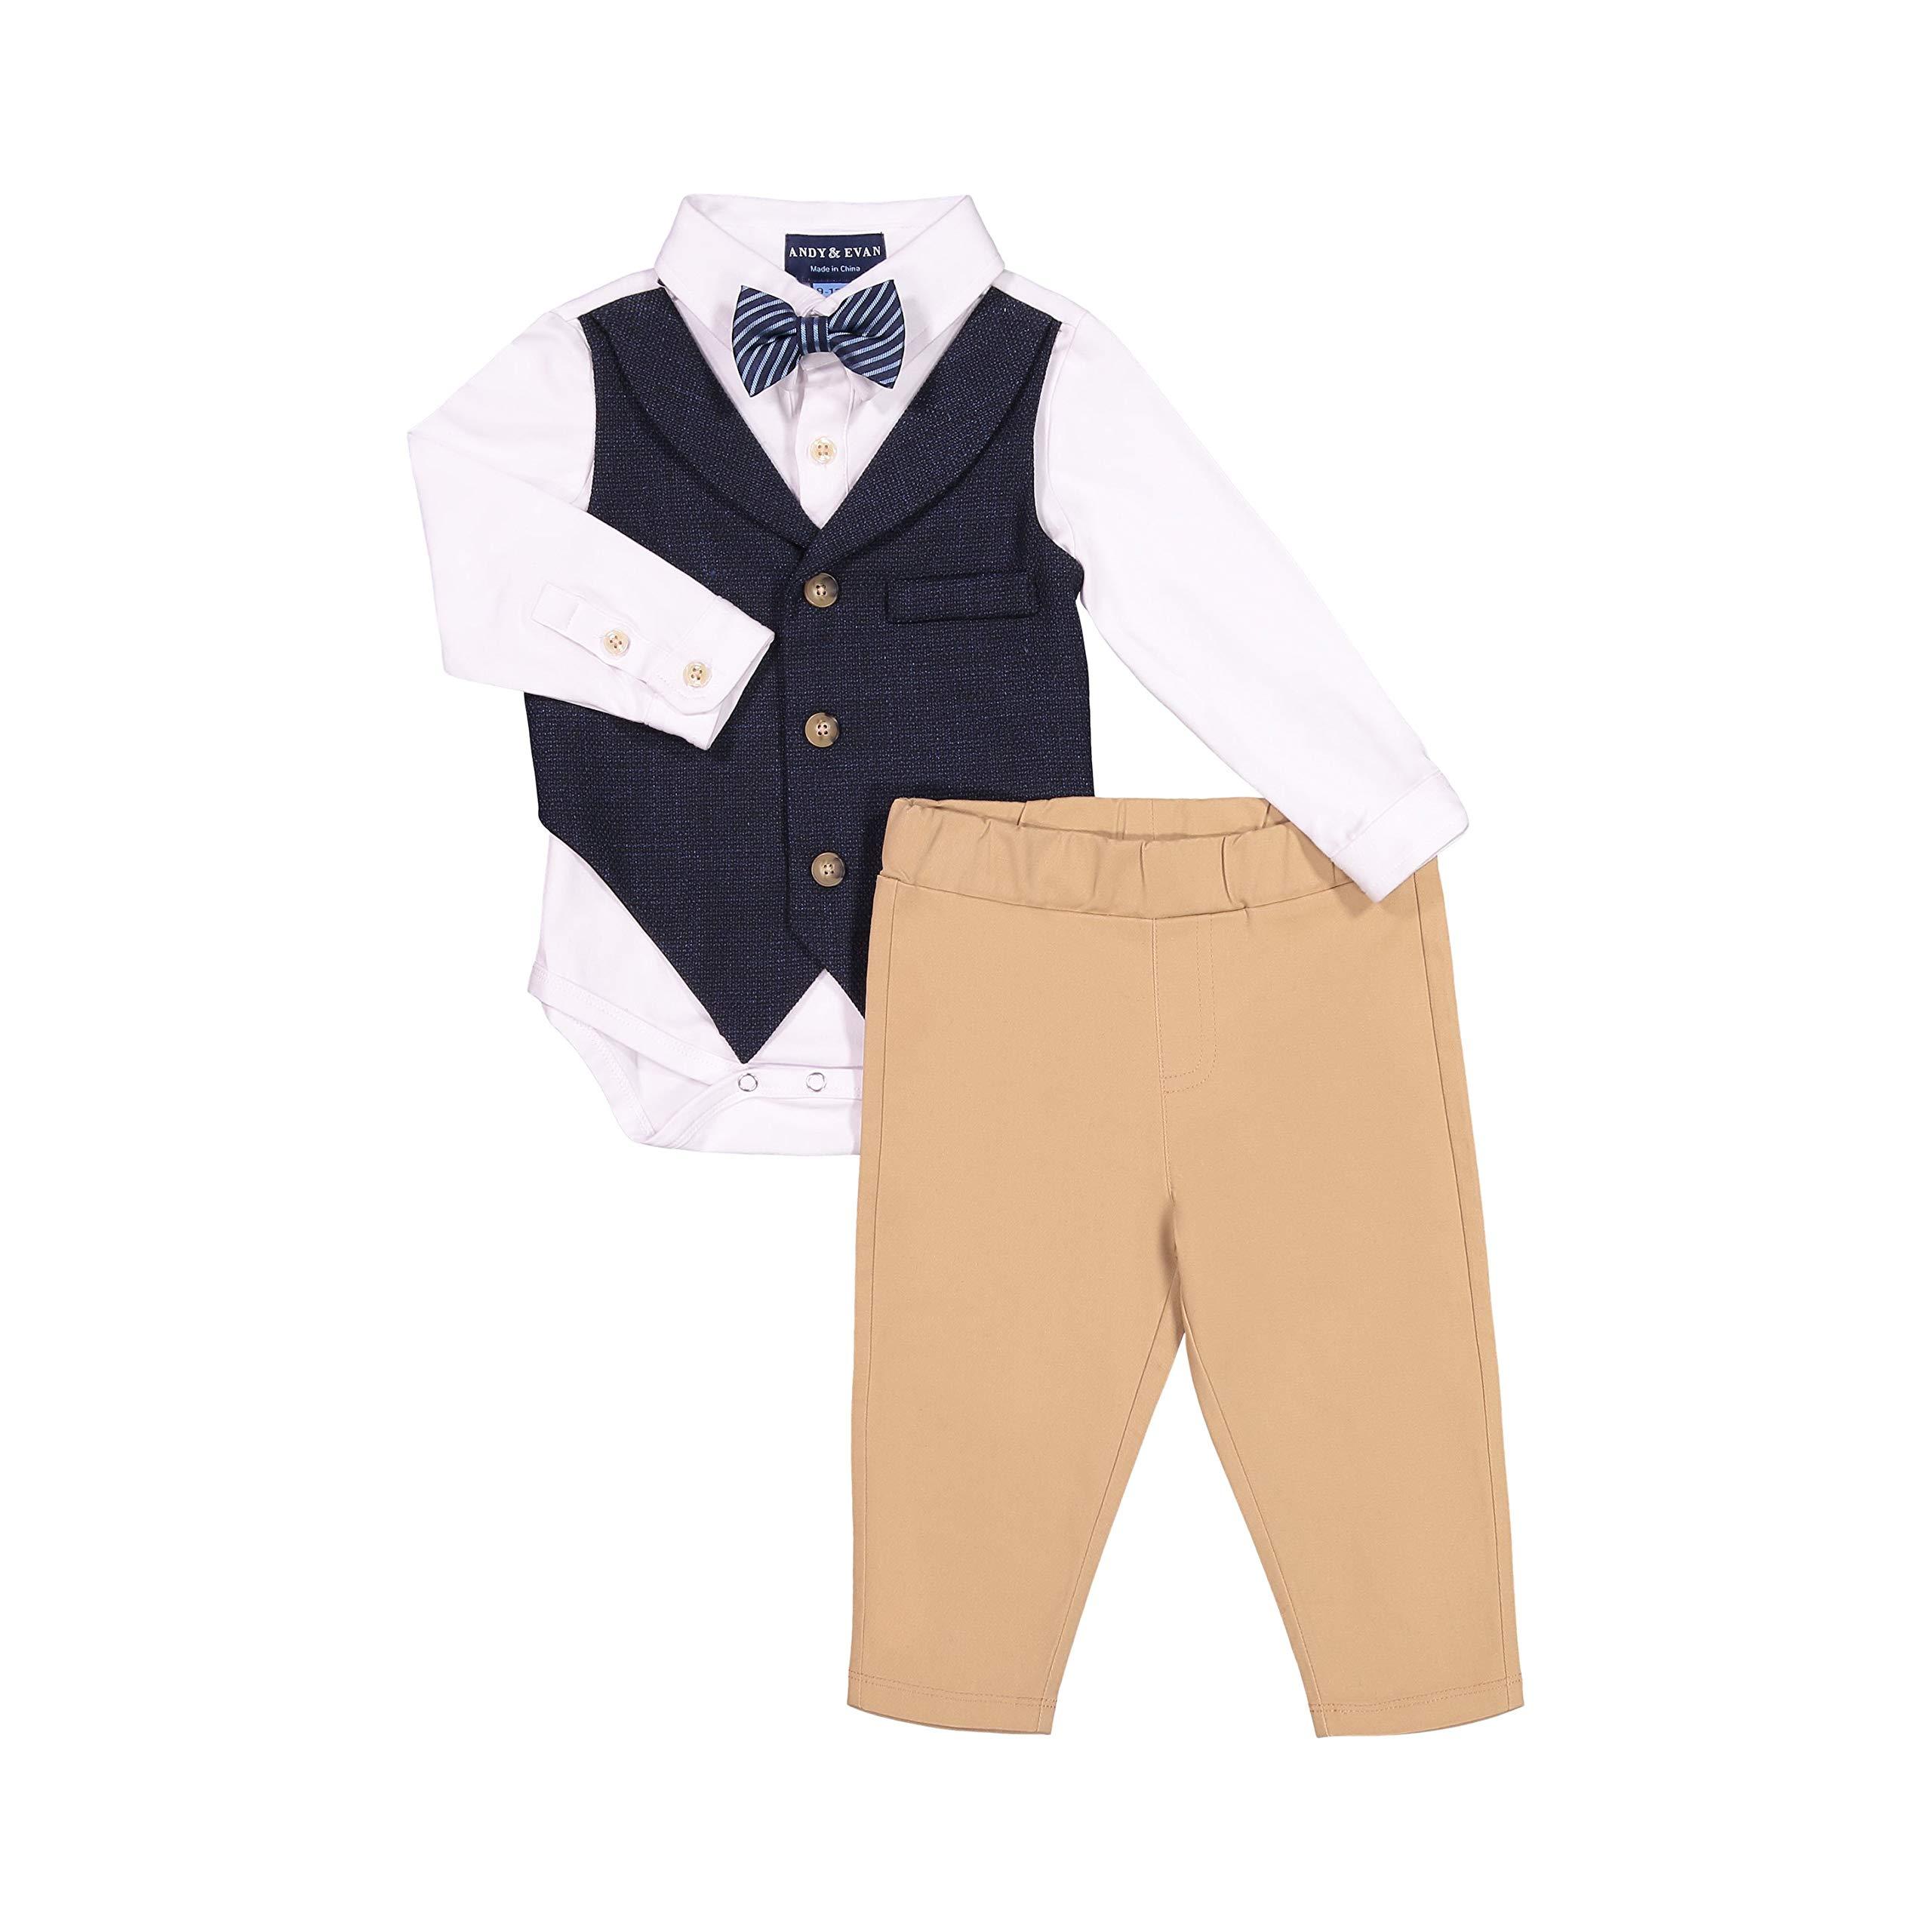 Andy & Evan Baby Boys' Long Sleeve Formal Shirtize + Pant Set, Suspenders, Suit Vest & Tie - Snap Bottom Closure Dark Blue by Andy & Evan